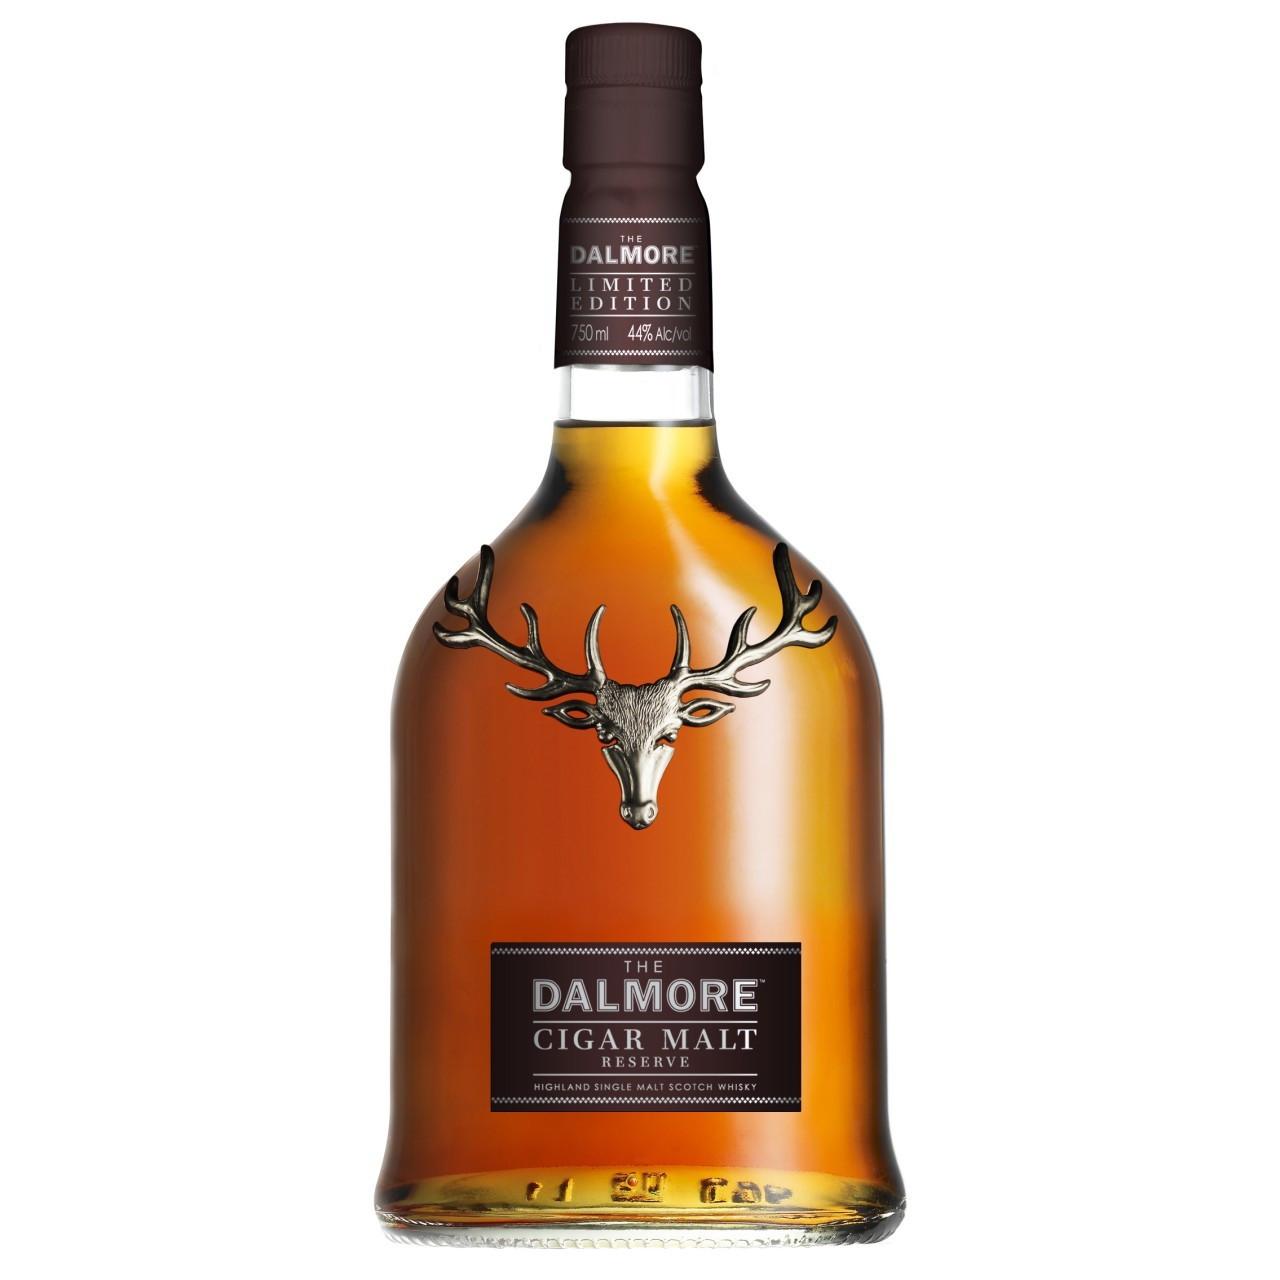 Dalmore Cigar Malt Scotch Whisky 70cl